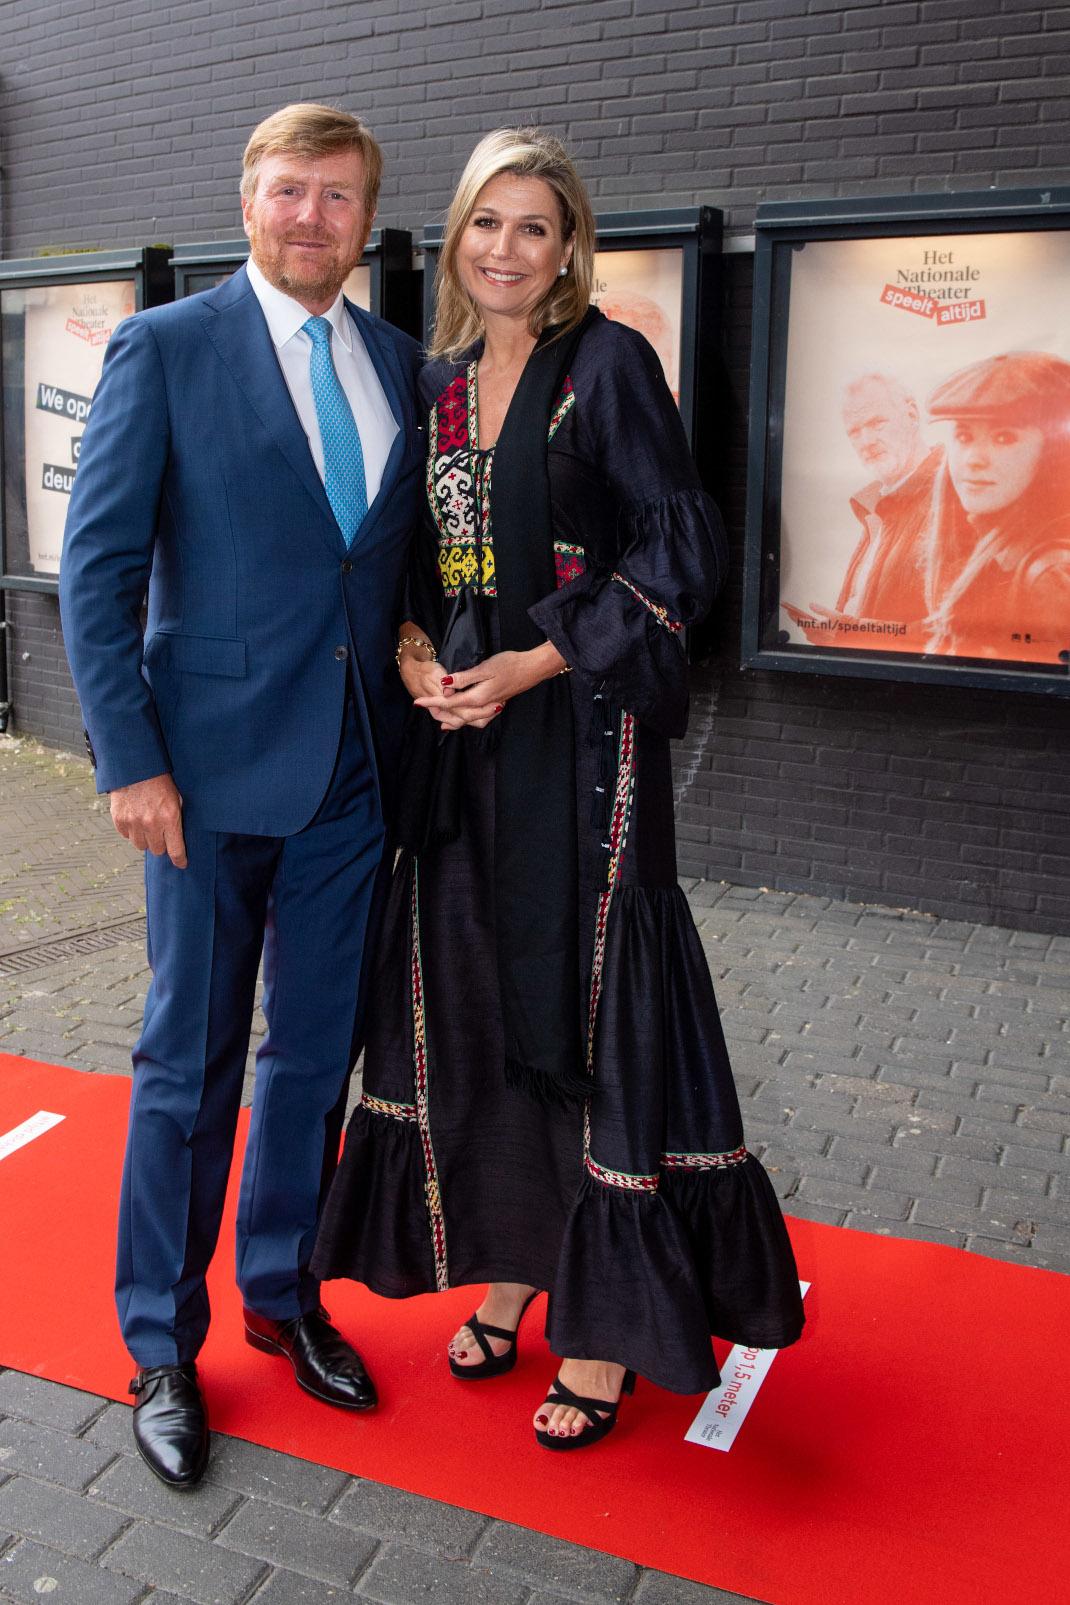 Βασιλιάς και βασίλισσα της Ολλανδίας